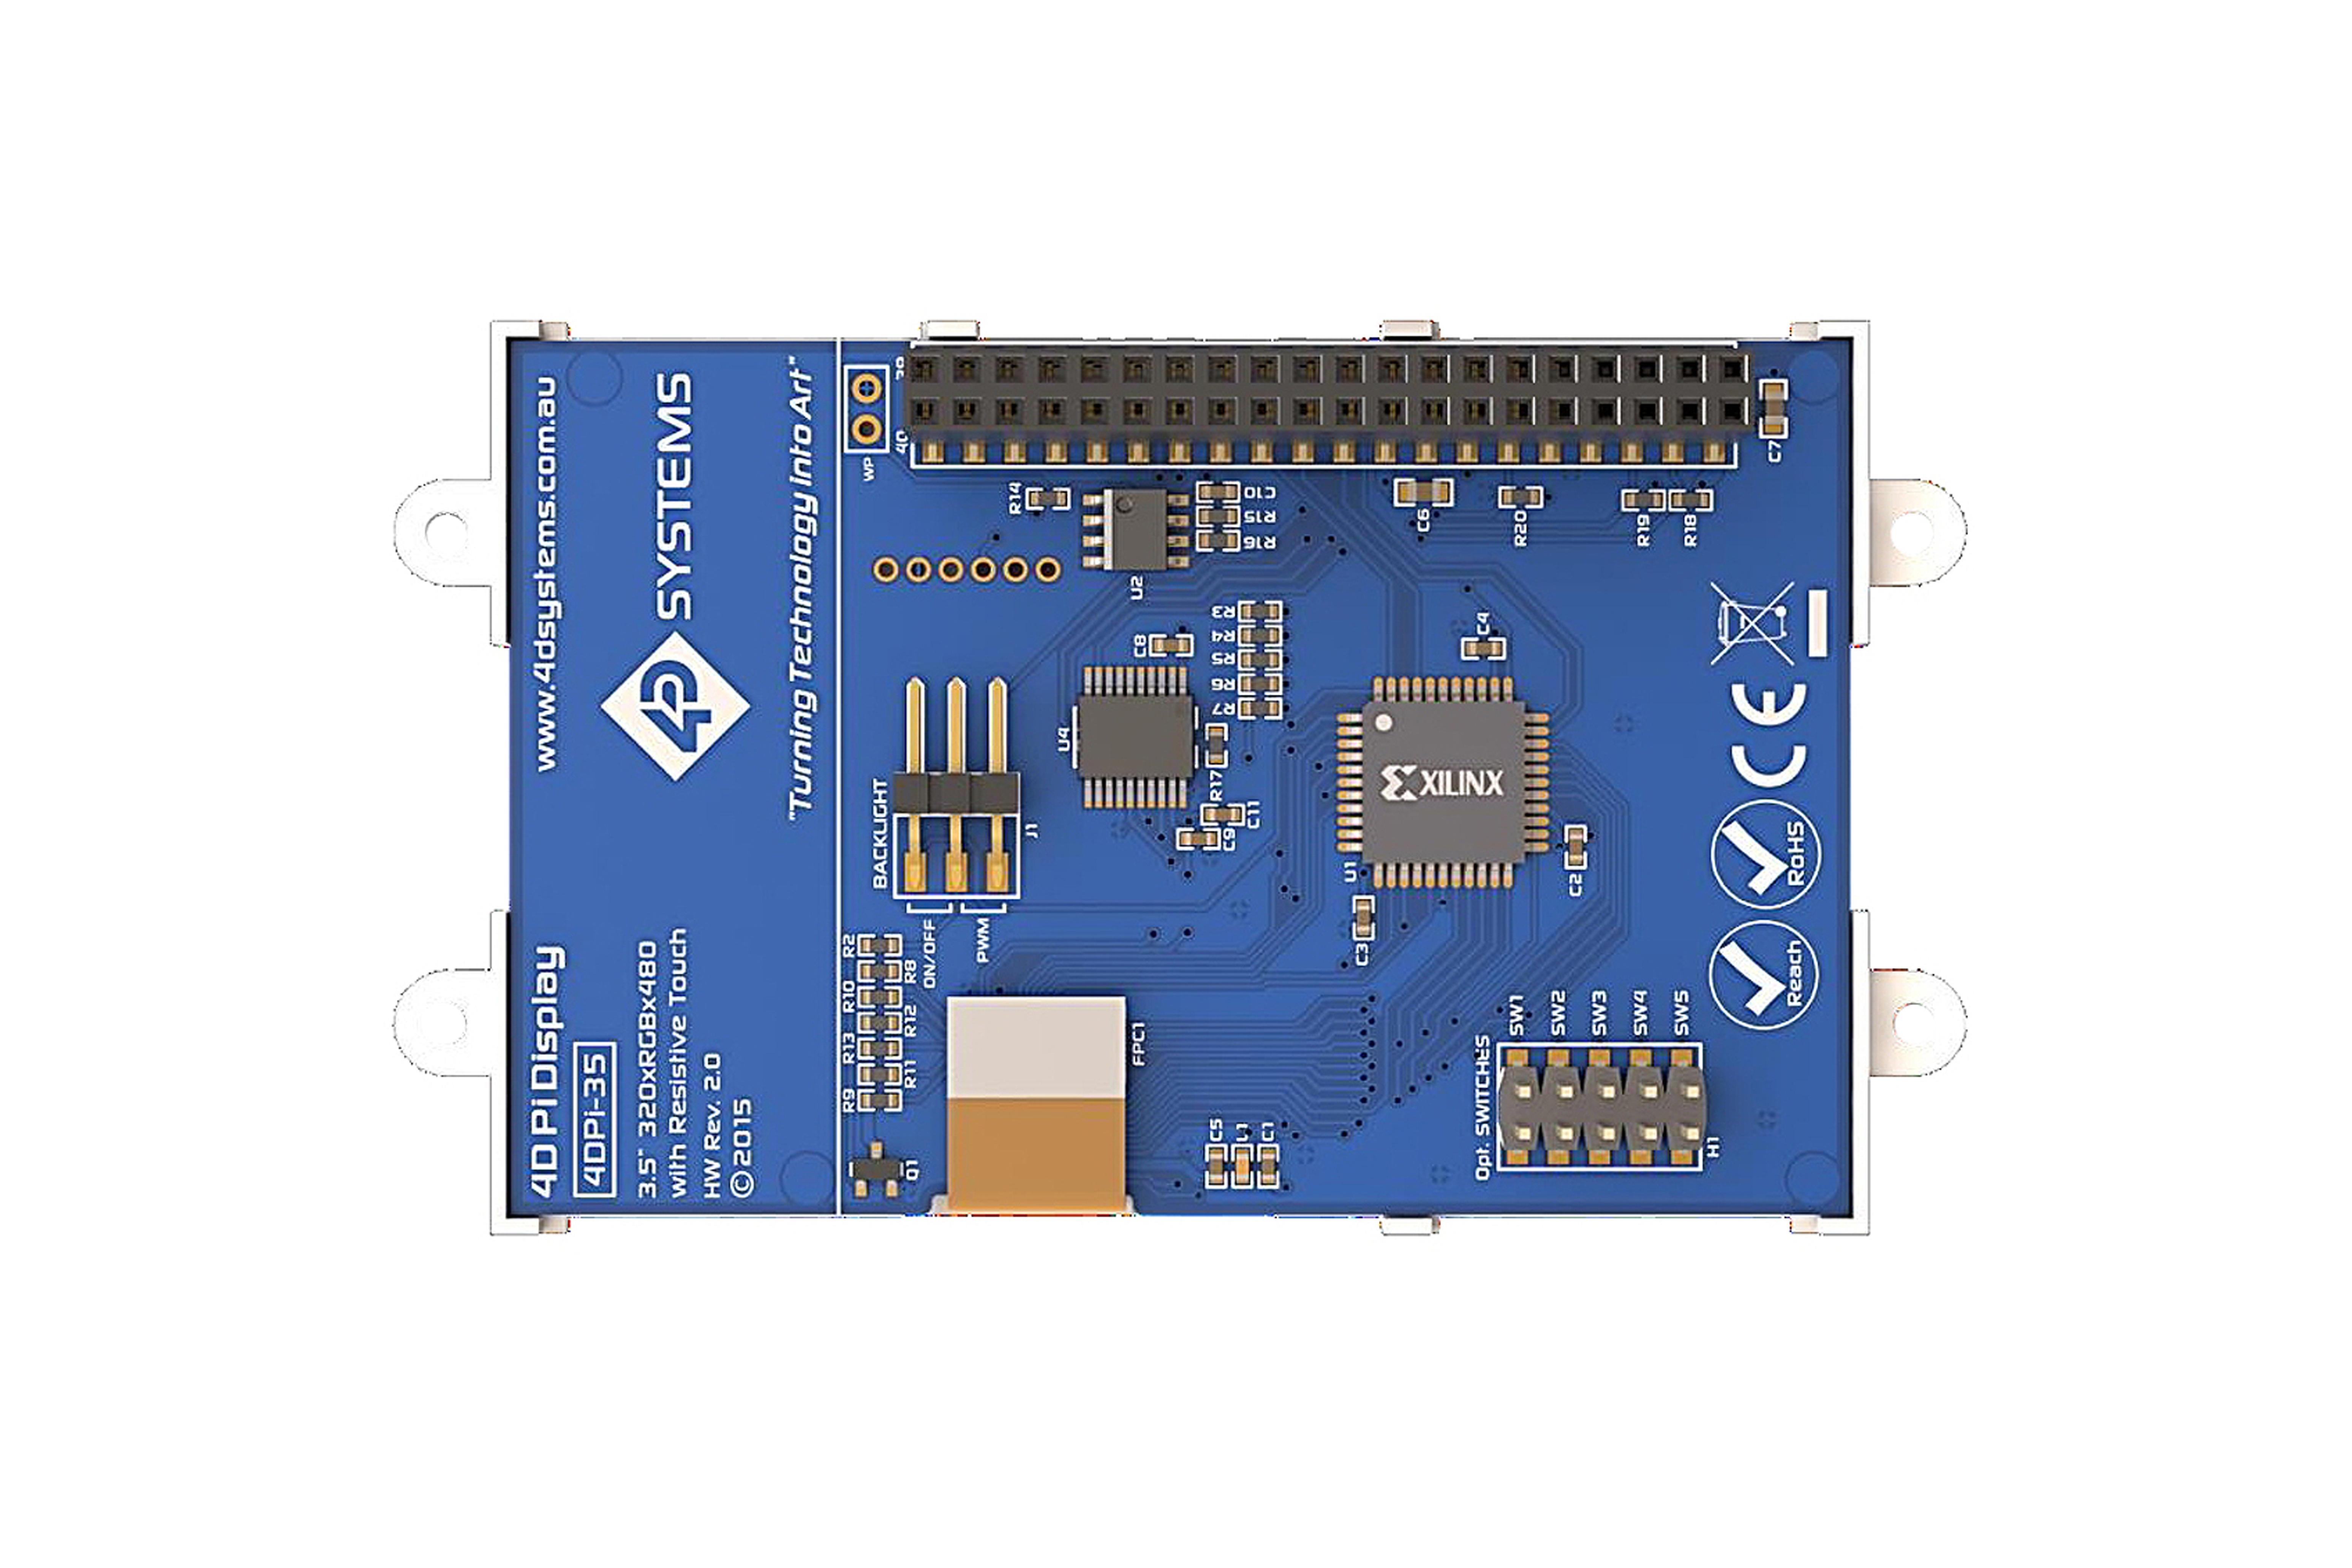 4DPI-35 MK2 lcd-touchscreenRaspberry Pi